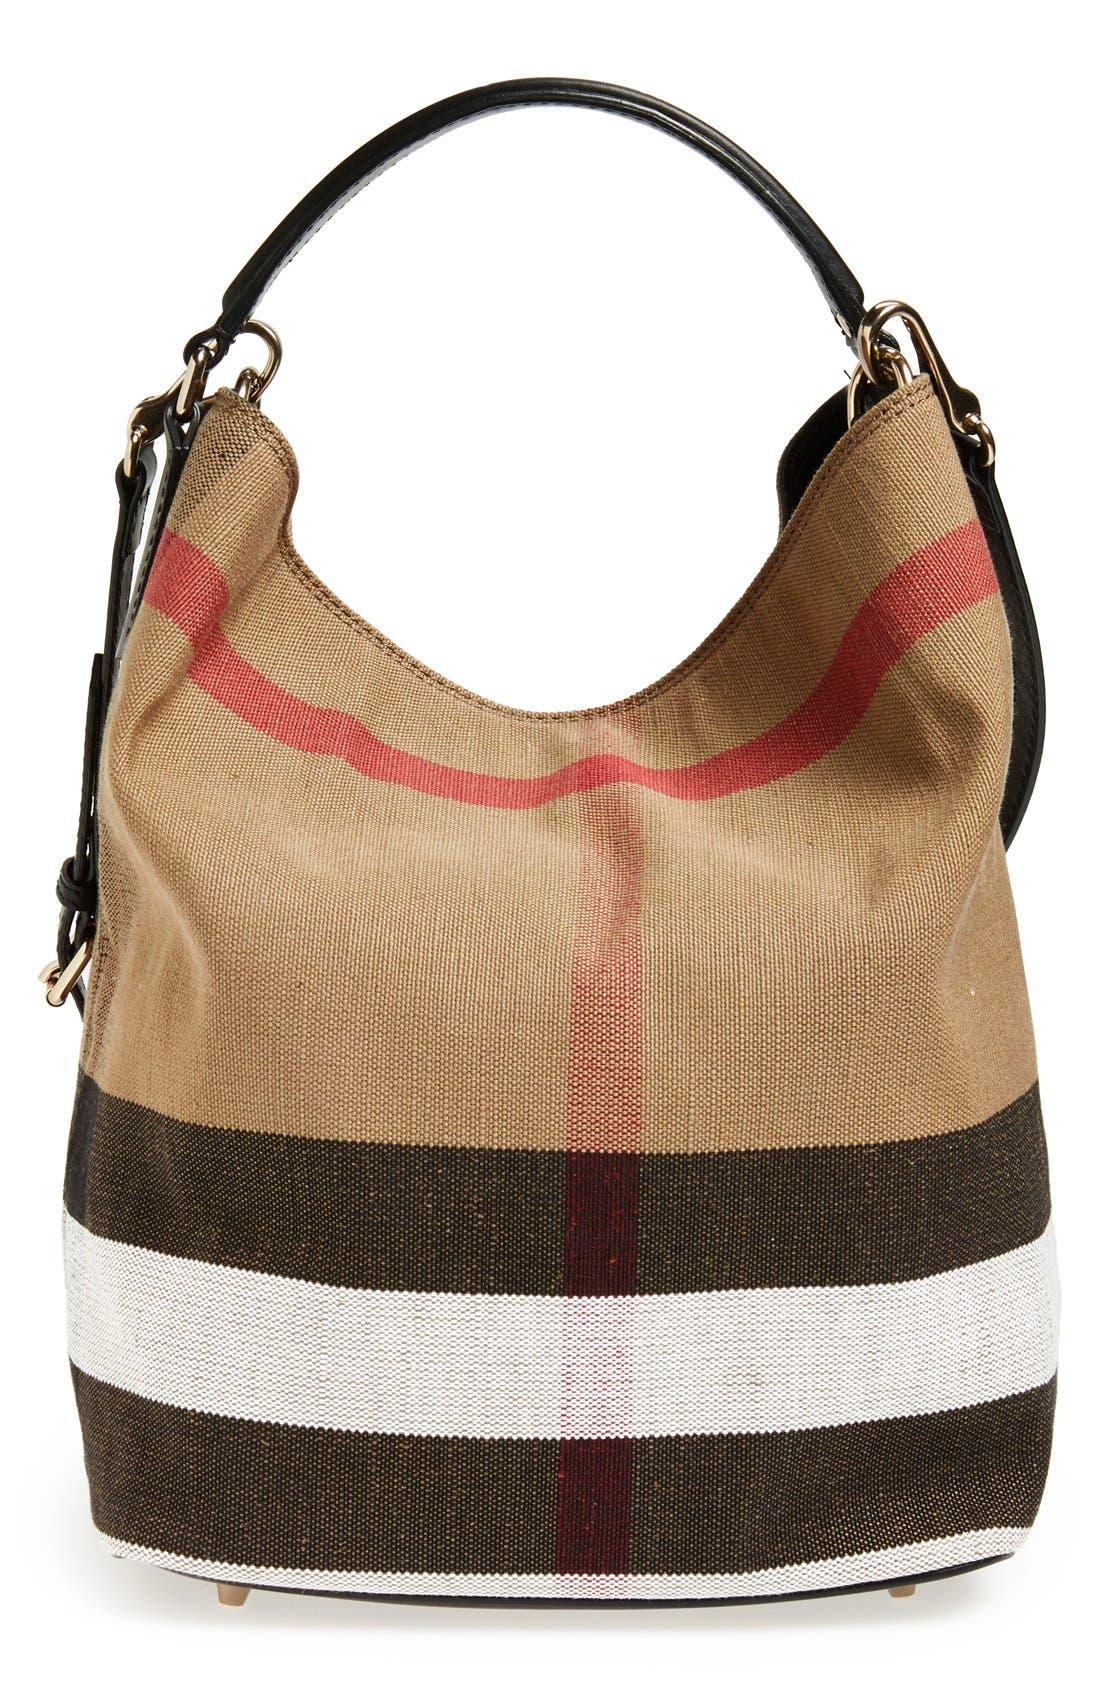 Medium Susanna Check Print Bucket Bag,                             Main thumbnail 1, color,                             001